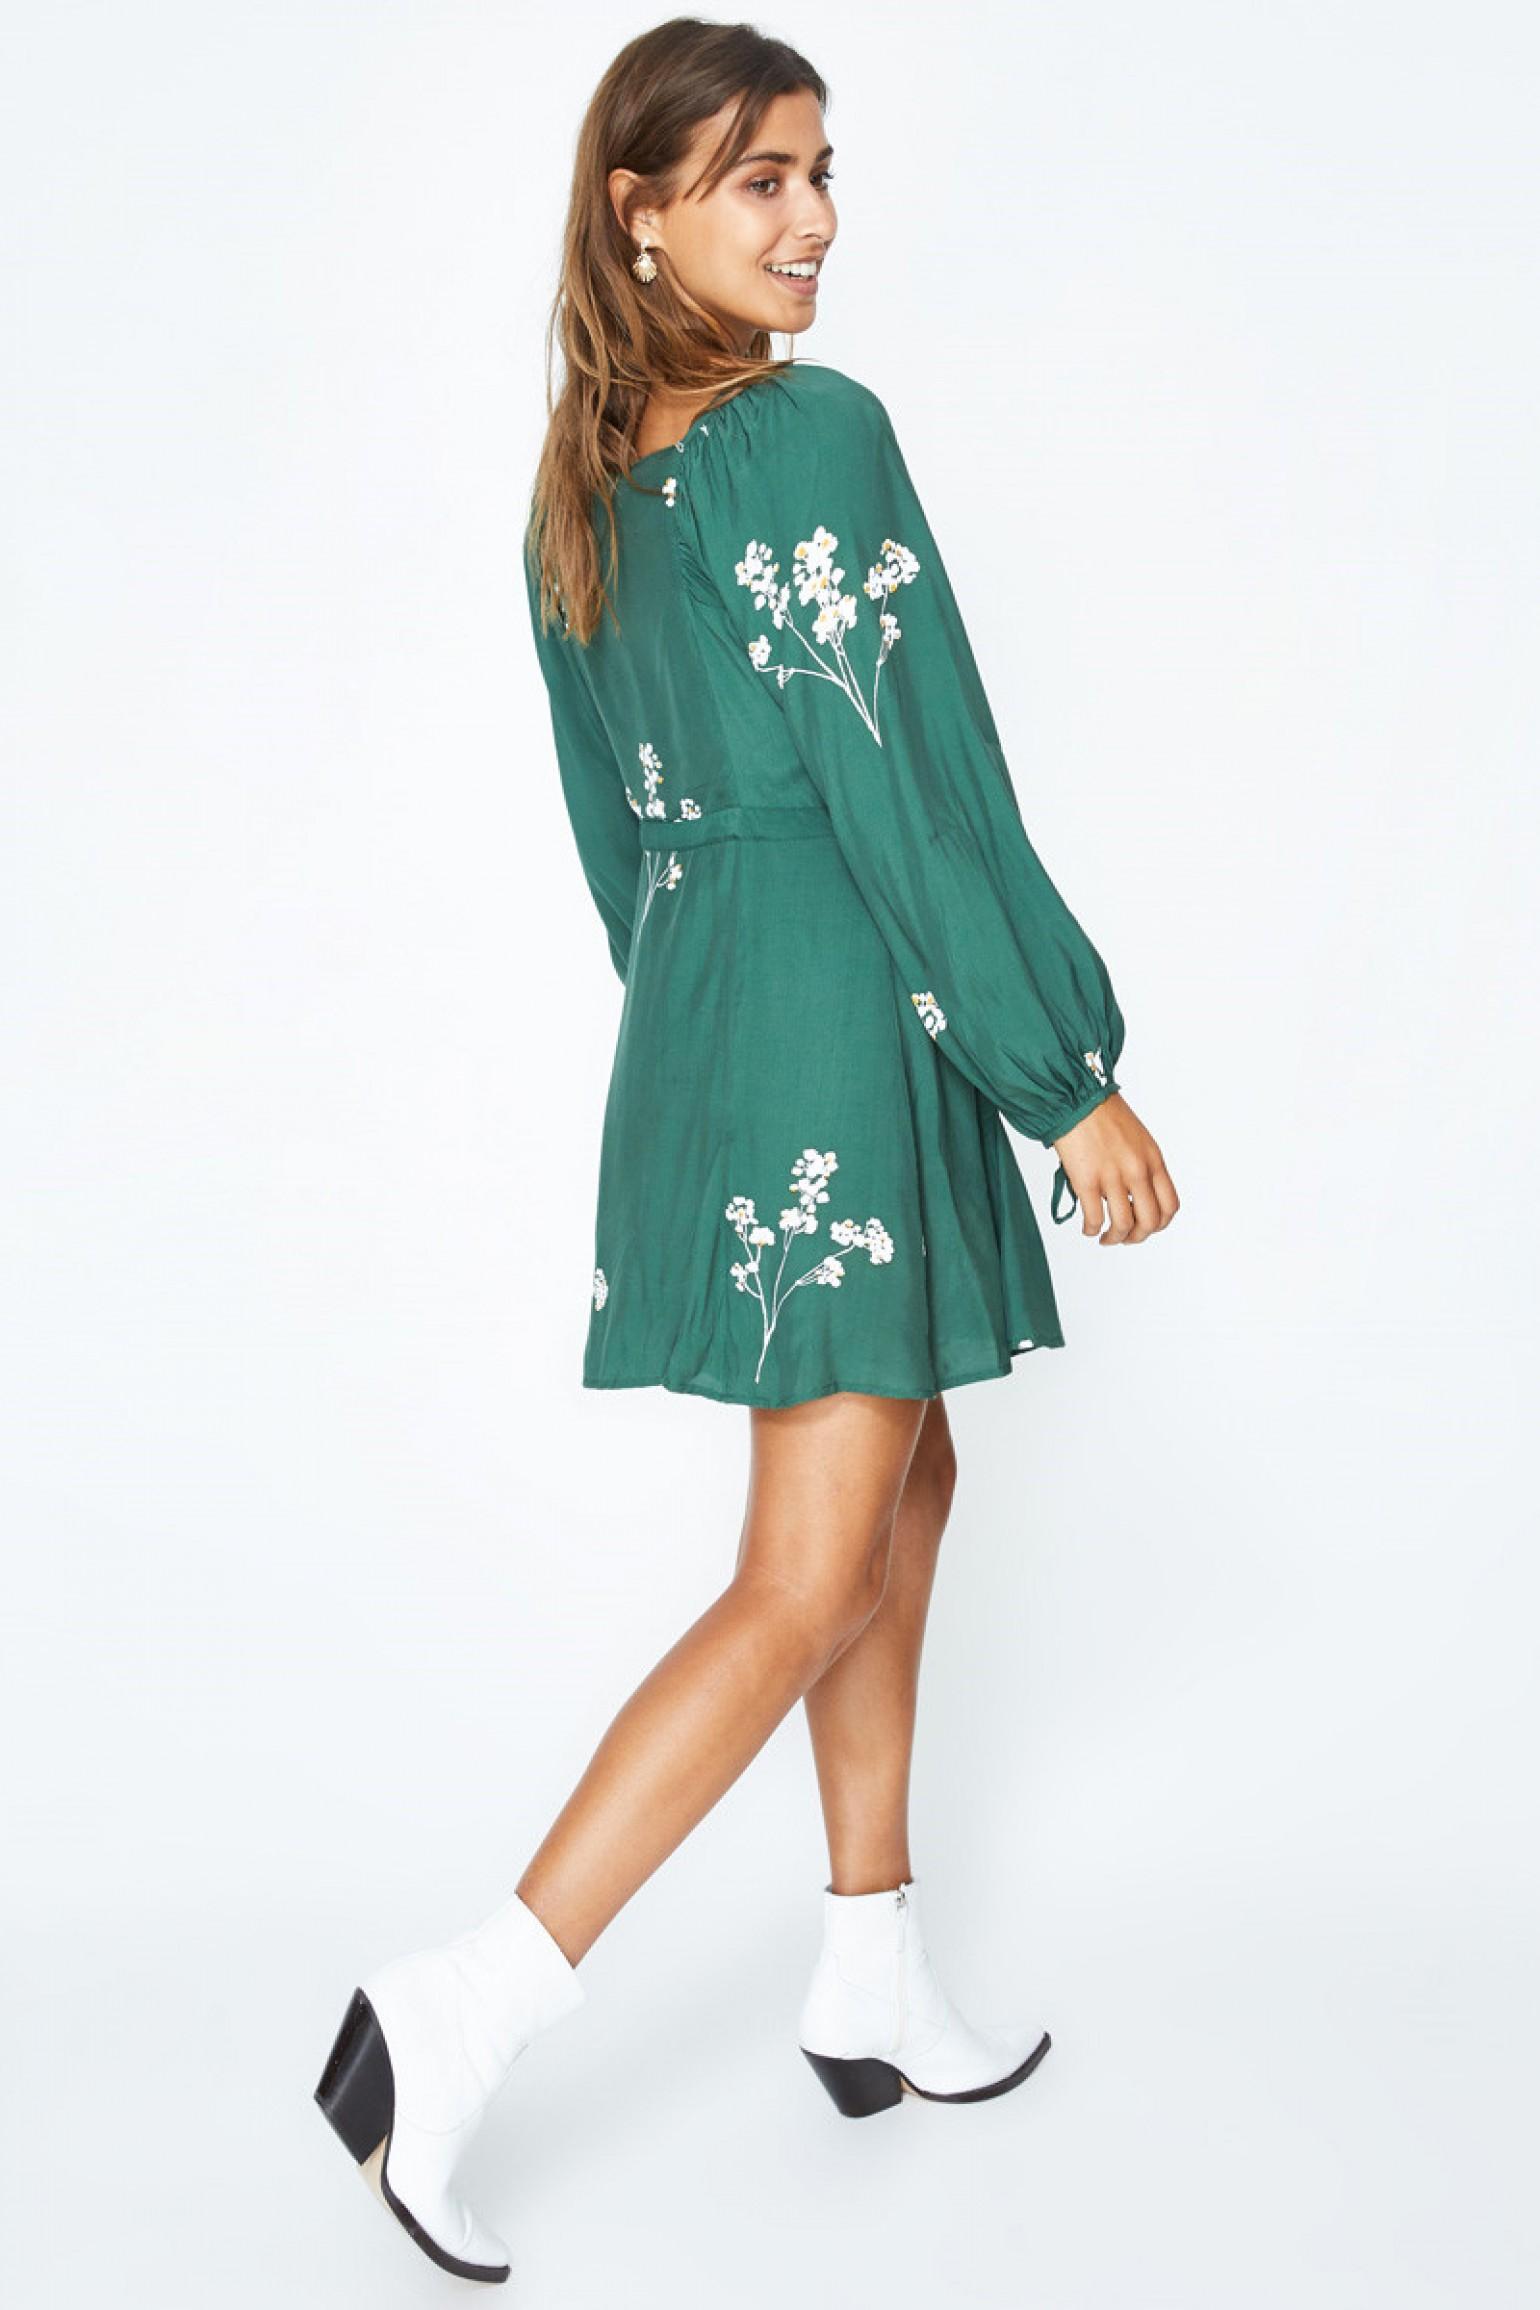 Rue Stiic Priscilla Mini Dress